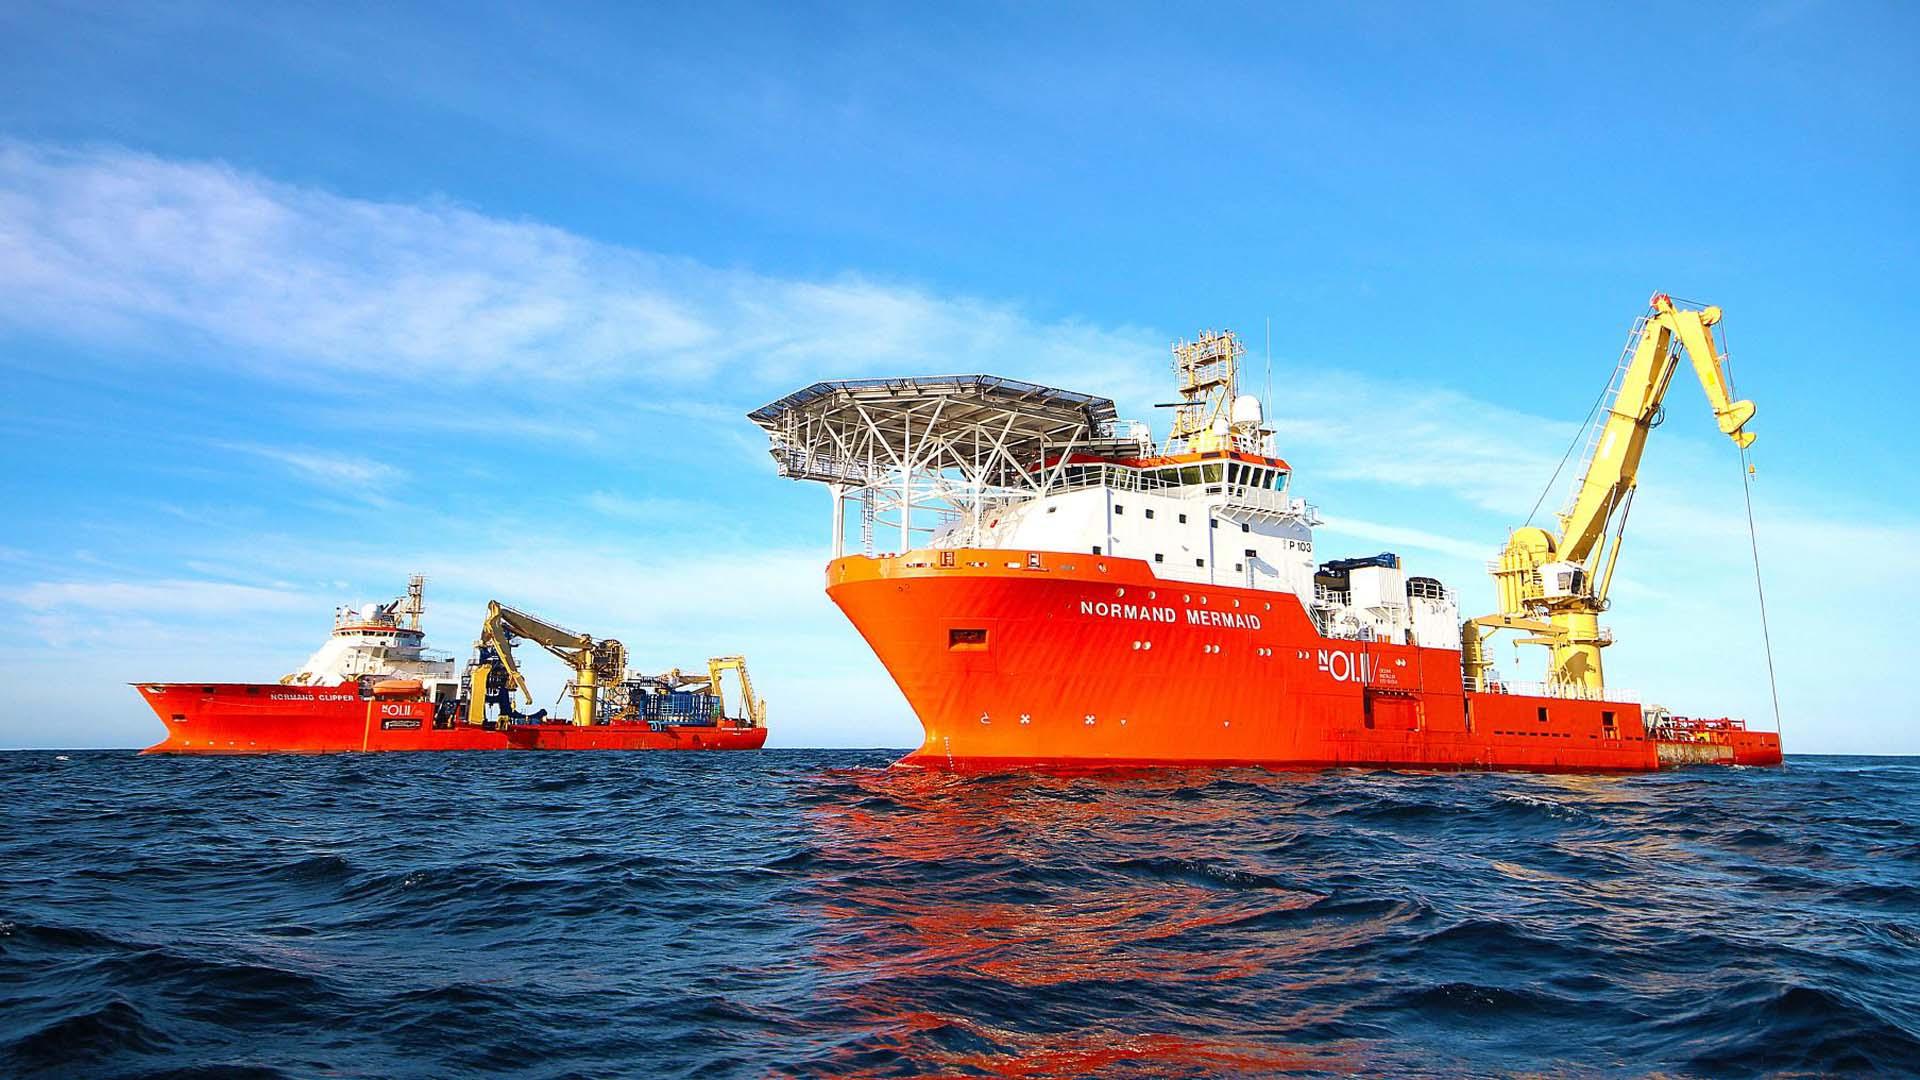 La petrolera sigue explorando lo que podría la segunda más grande reserva petrolera virgen del mundo